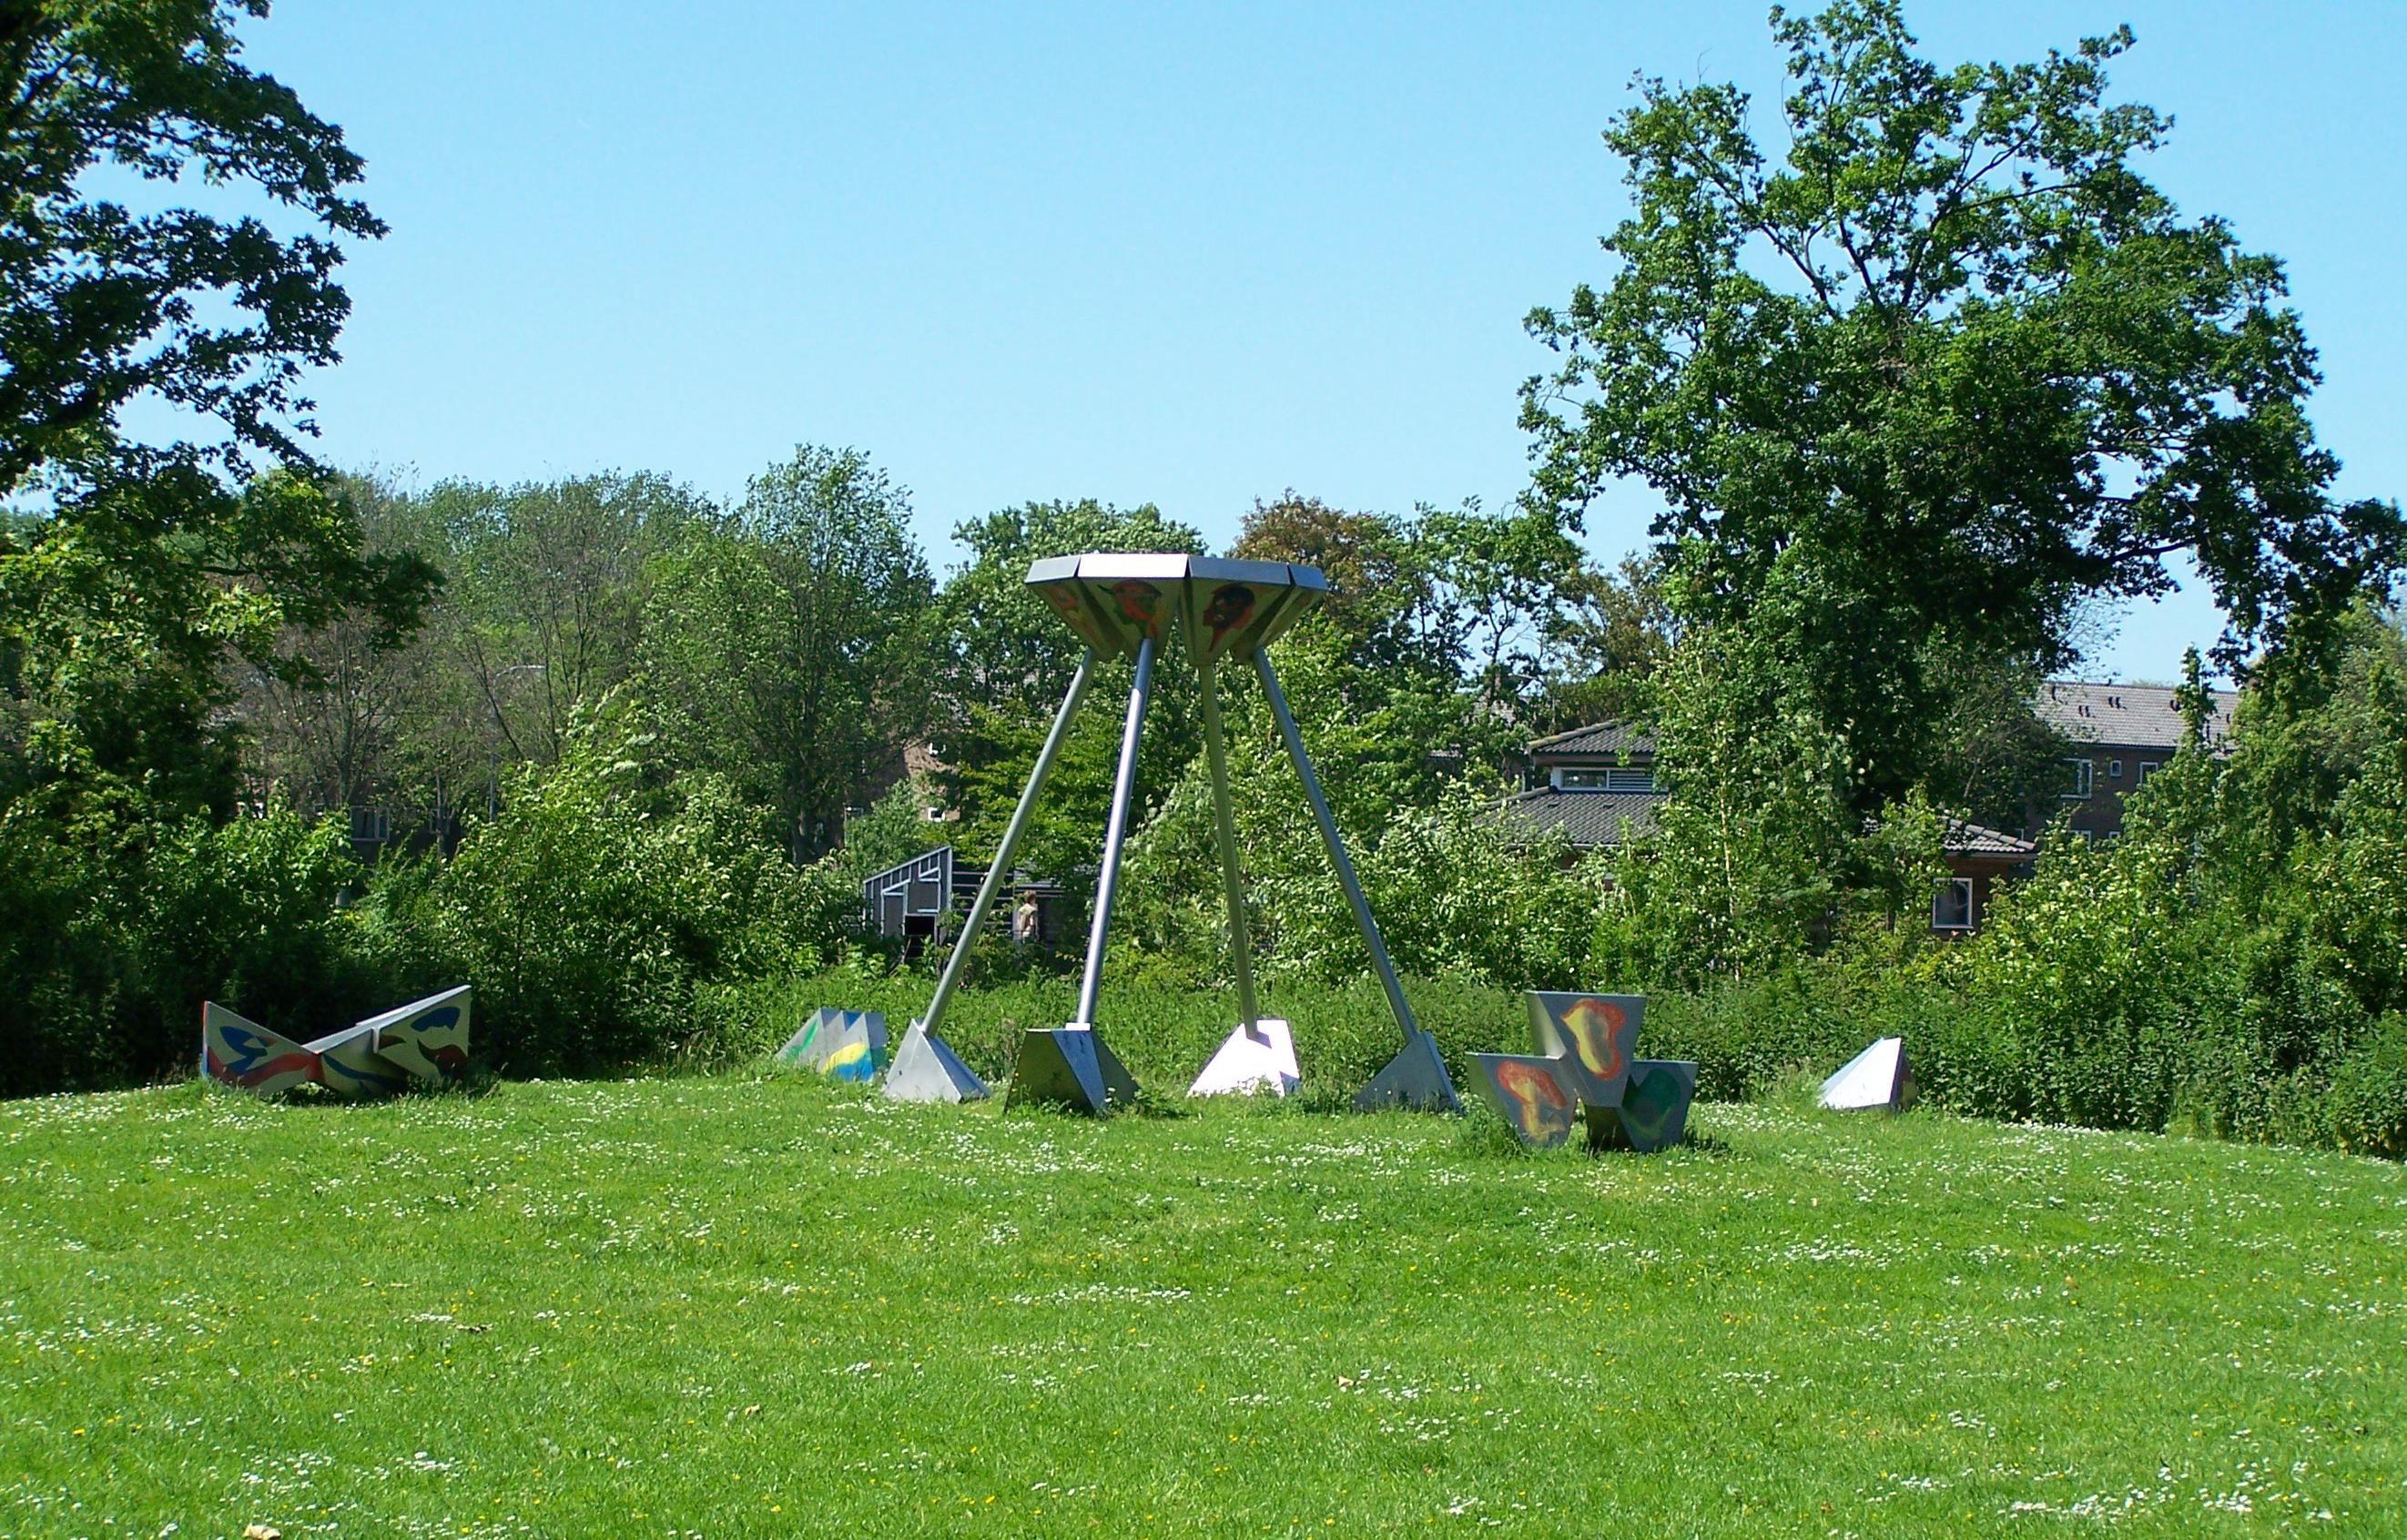 Bestand:Sprankelplek Jos Spanbroek Park Oosterhout Alkmaar ...